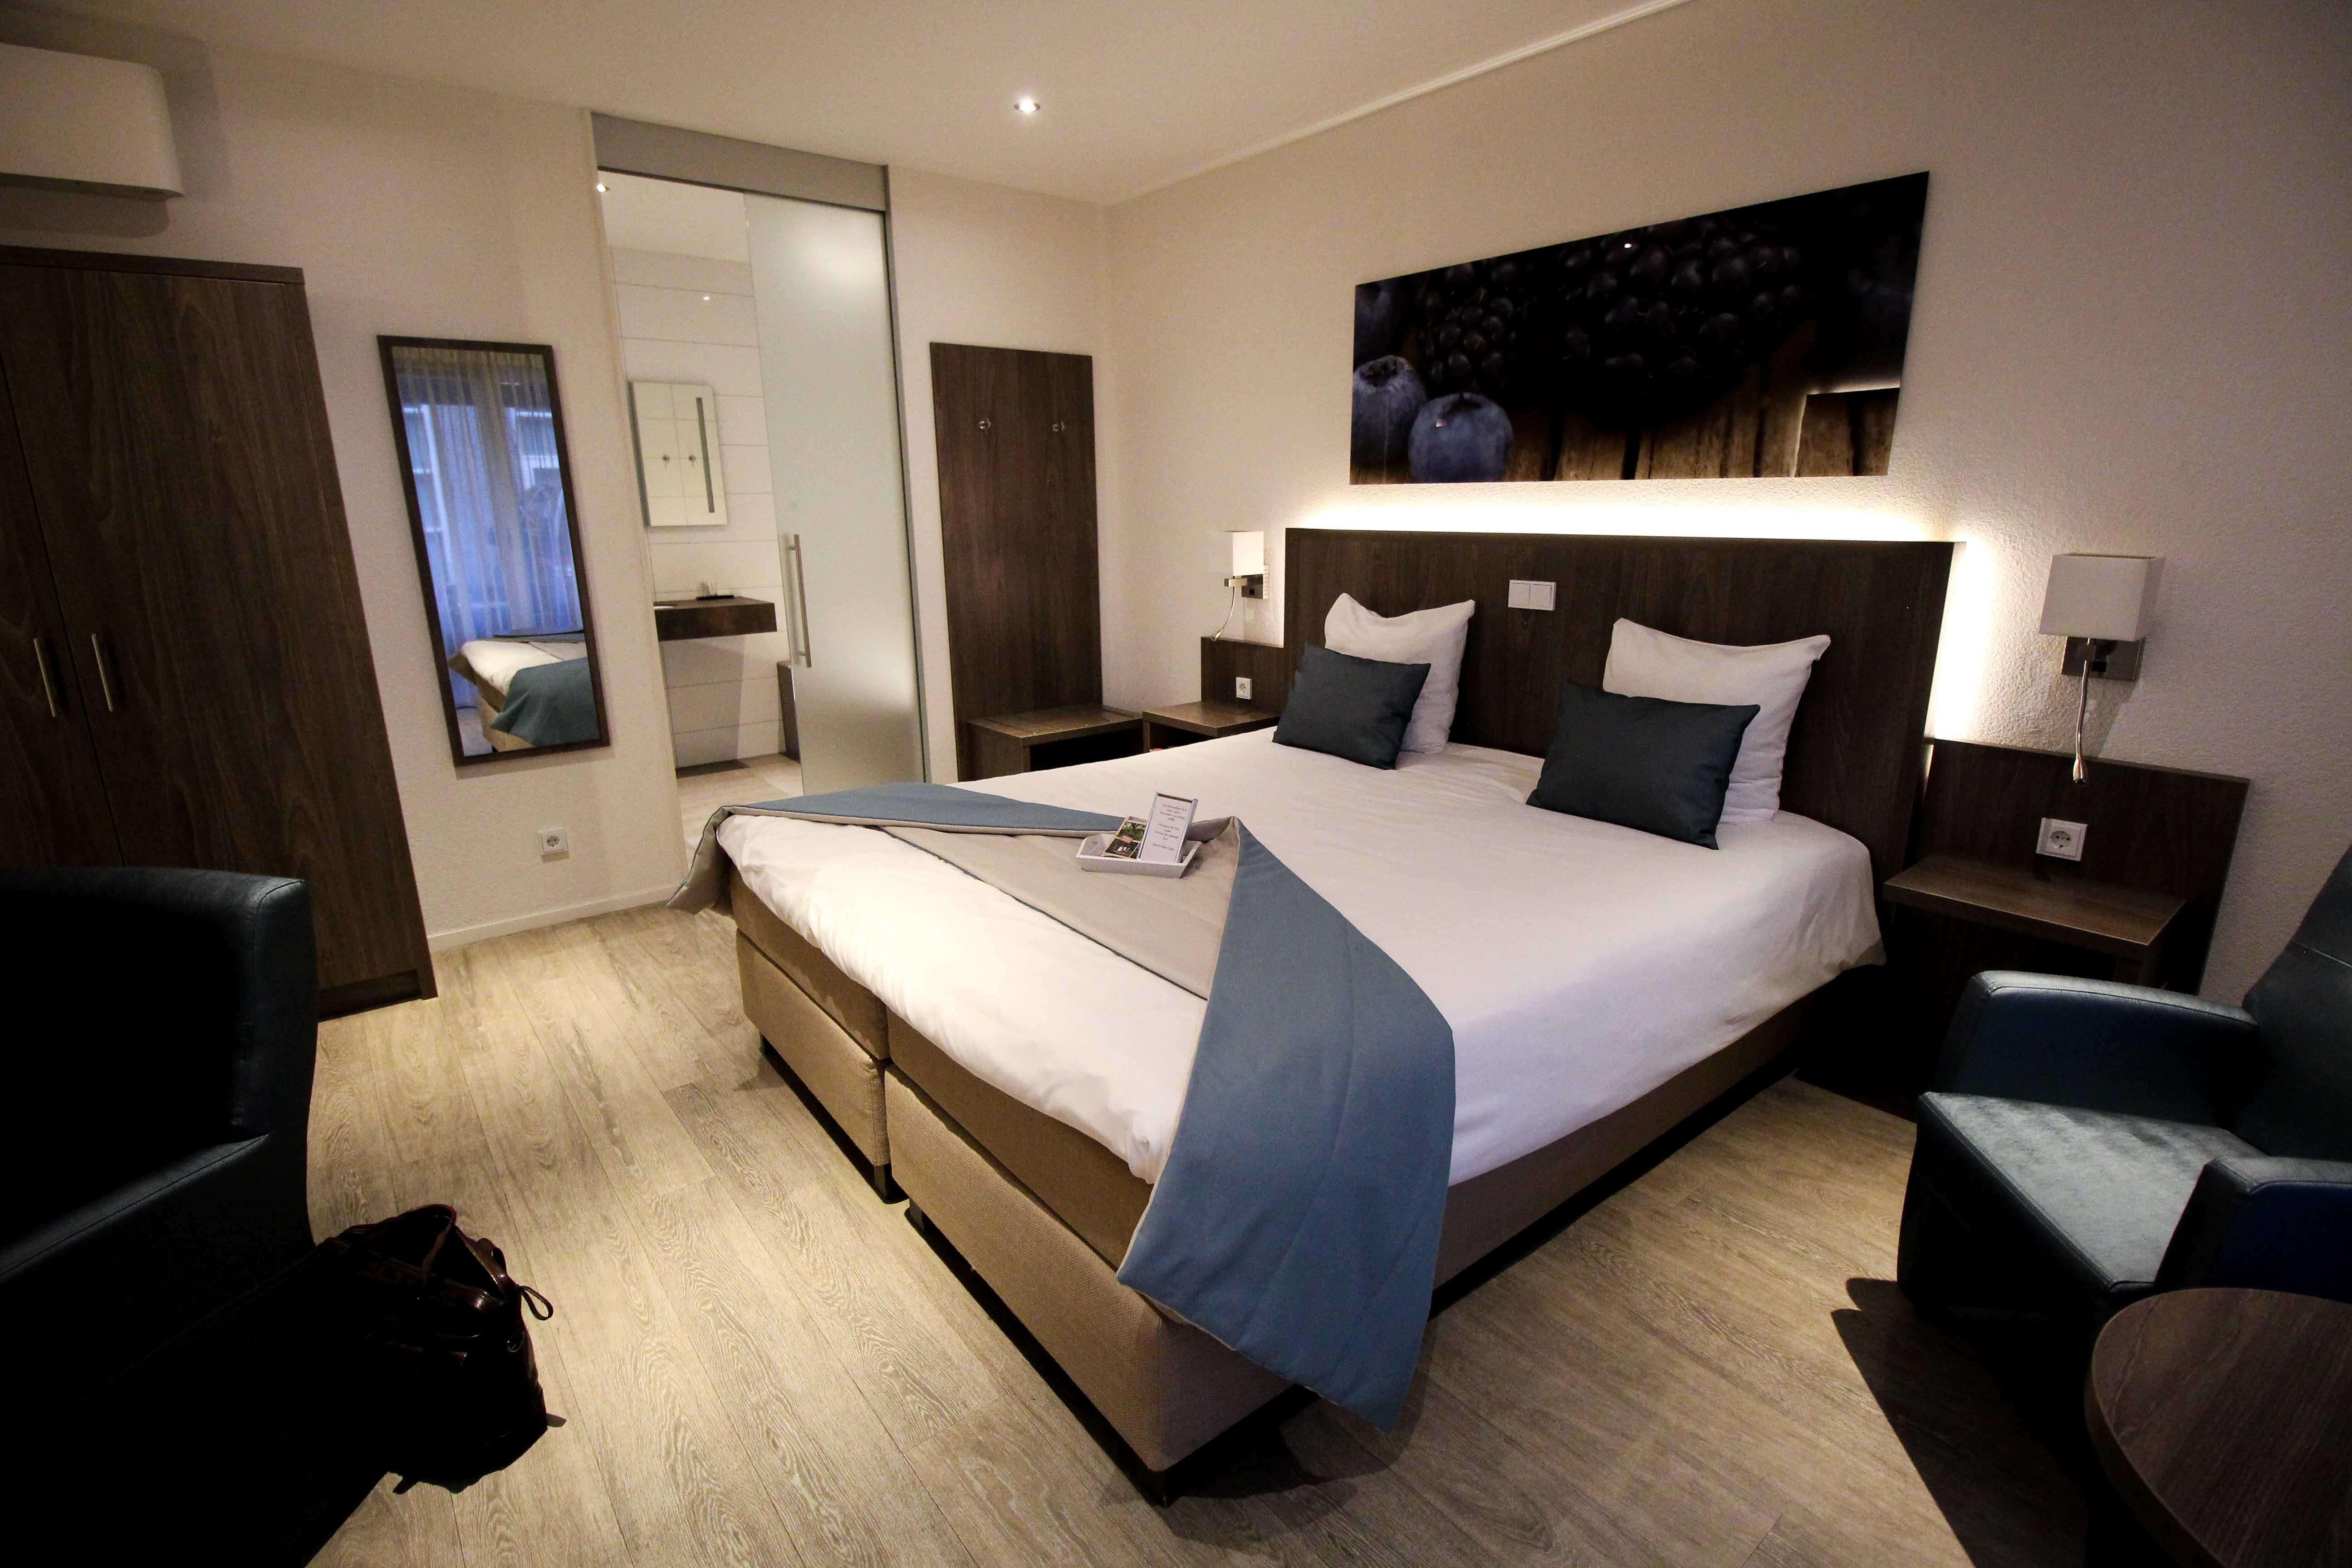 Wochenendtrip Holland Gelderland Hotel De Twee Linden Rivierenland das andere Holland Hotelzimmer Reiseblog